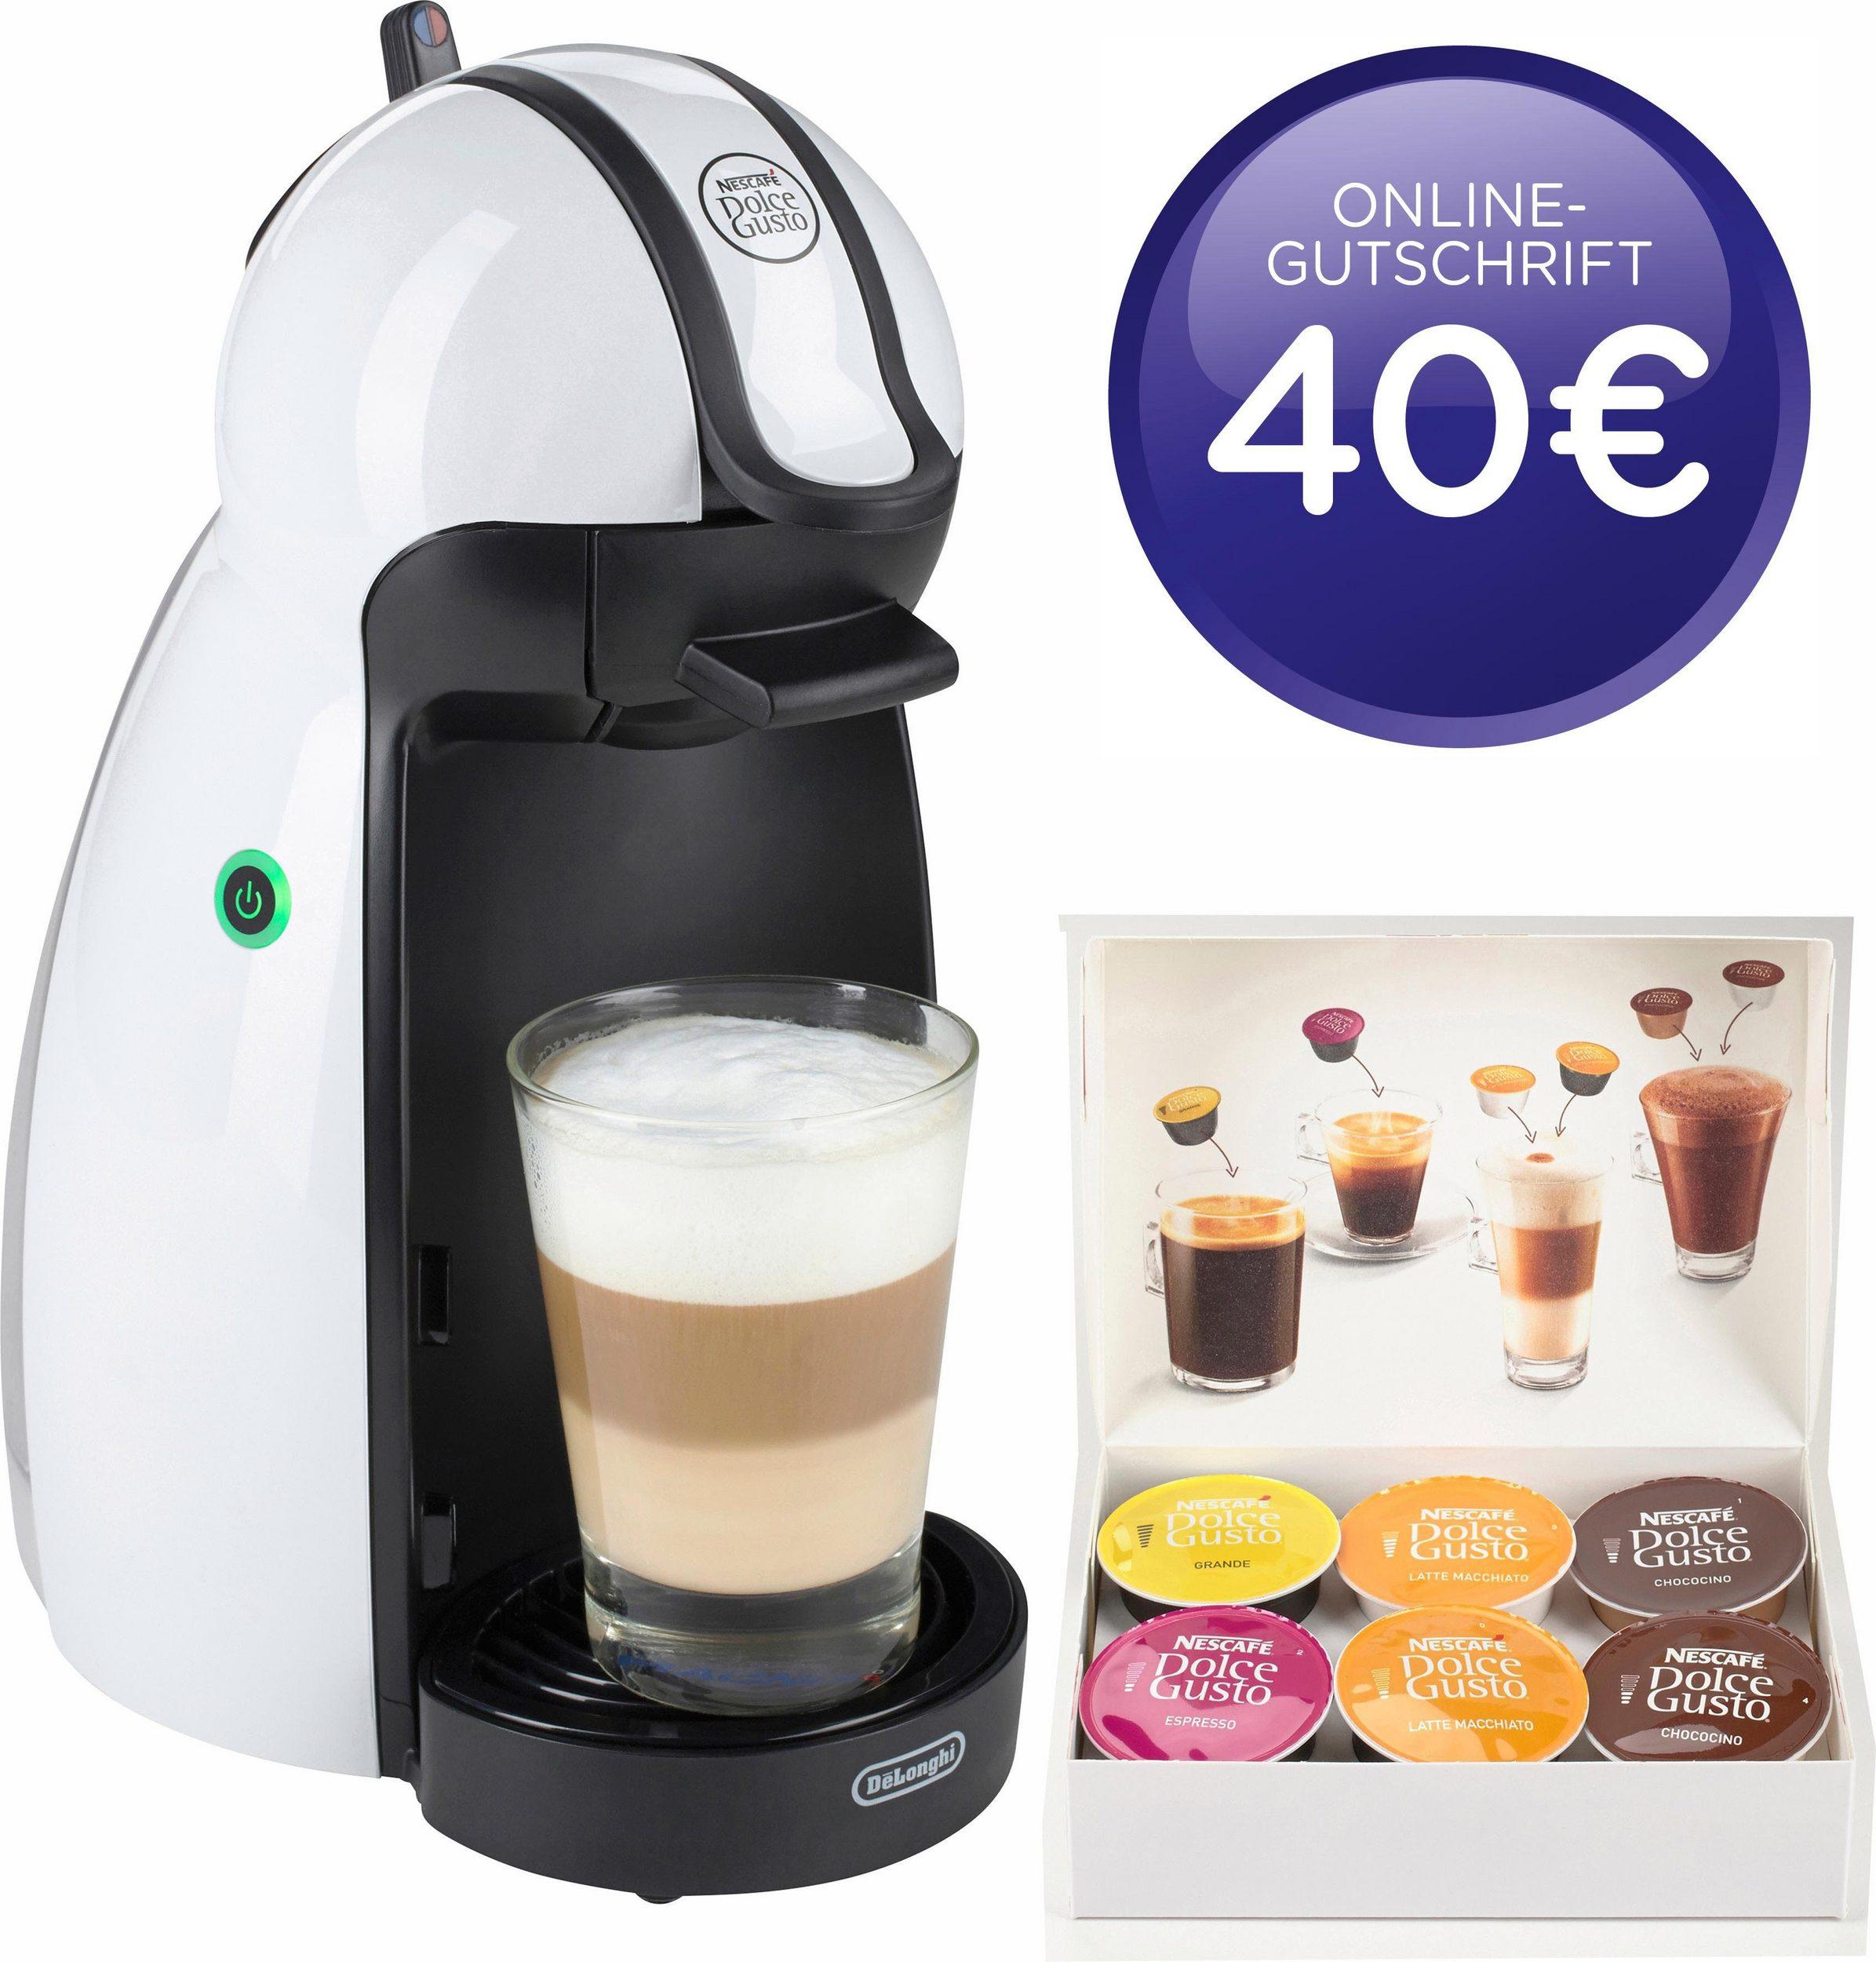 Nescafé Dolce Gusto Kapselmaschine inkl. 40€ Online-Gutschrift NESCAFÉ® Dolce Gusto® EDG 100.W